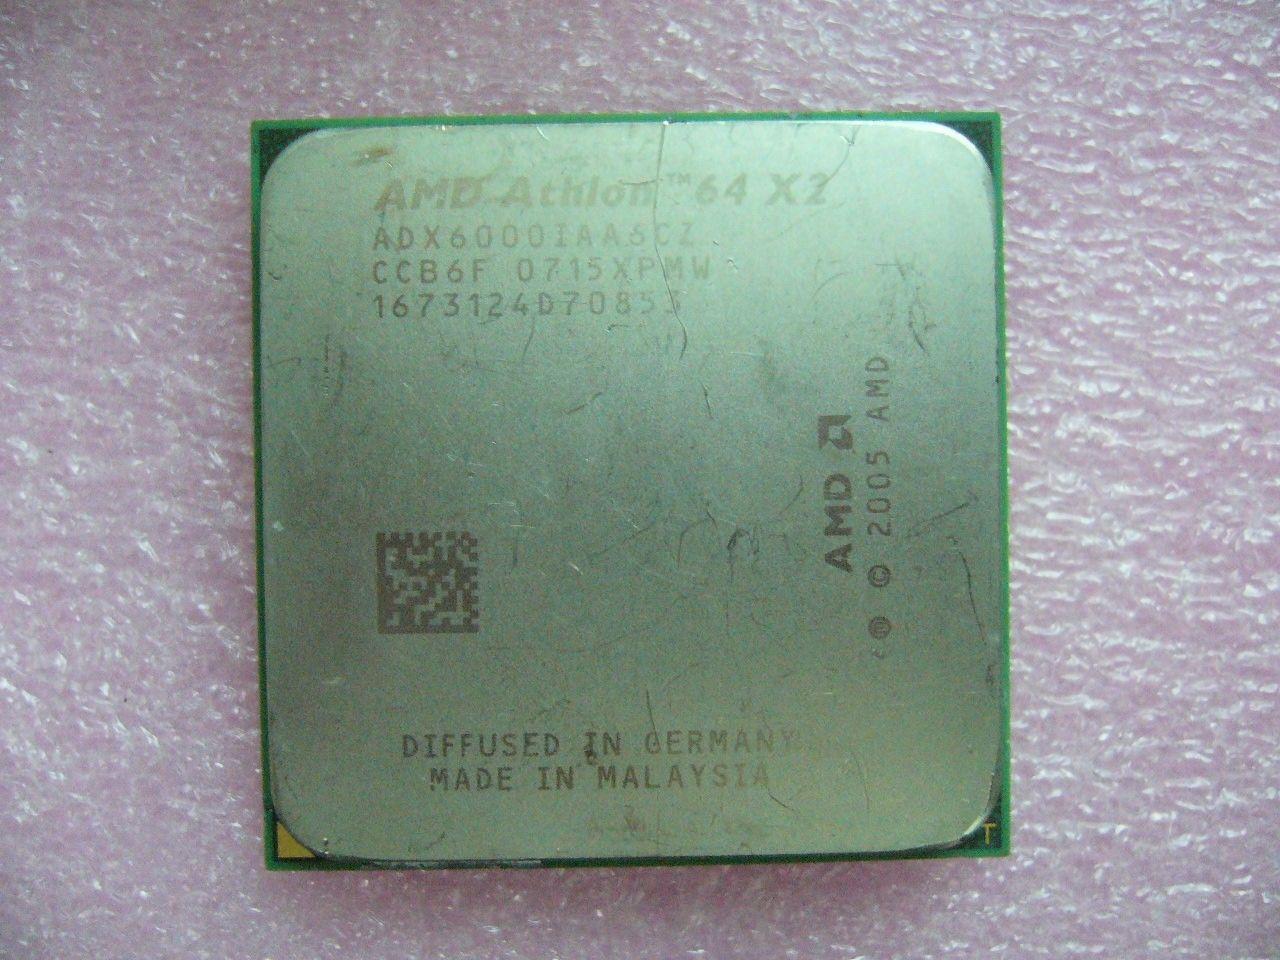 QTY 1X AMD Athlon 64 X2 6000+ 3 جيجاهرتز ثنائي النواة (ADX6000IAA6CZ) مقبس وحدة المعالجة المركزية AM2